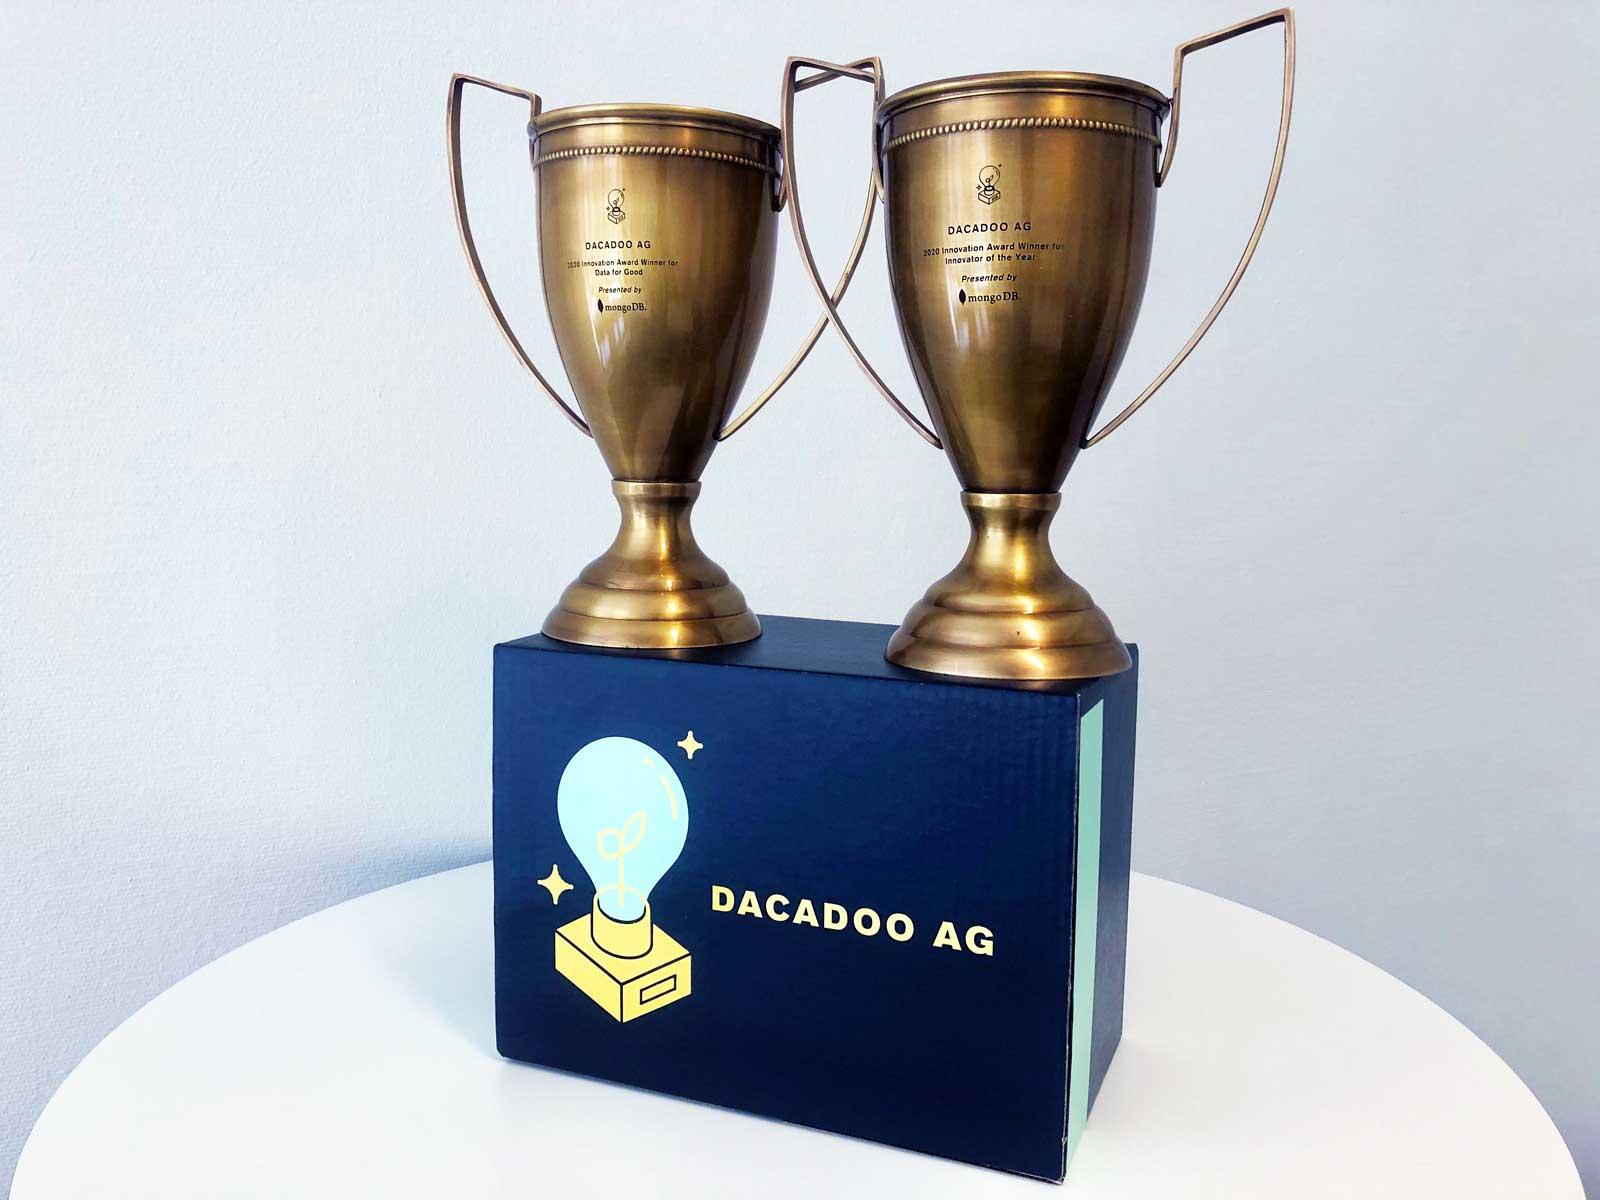 MongoDB awards dacadoo